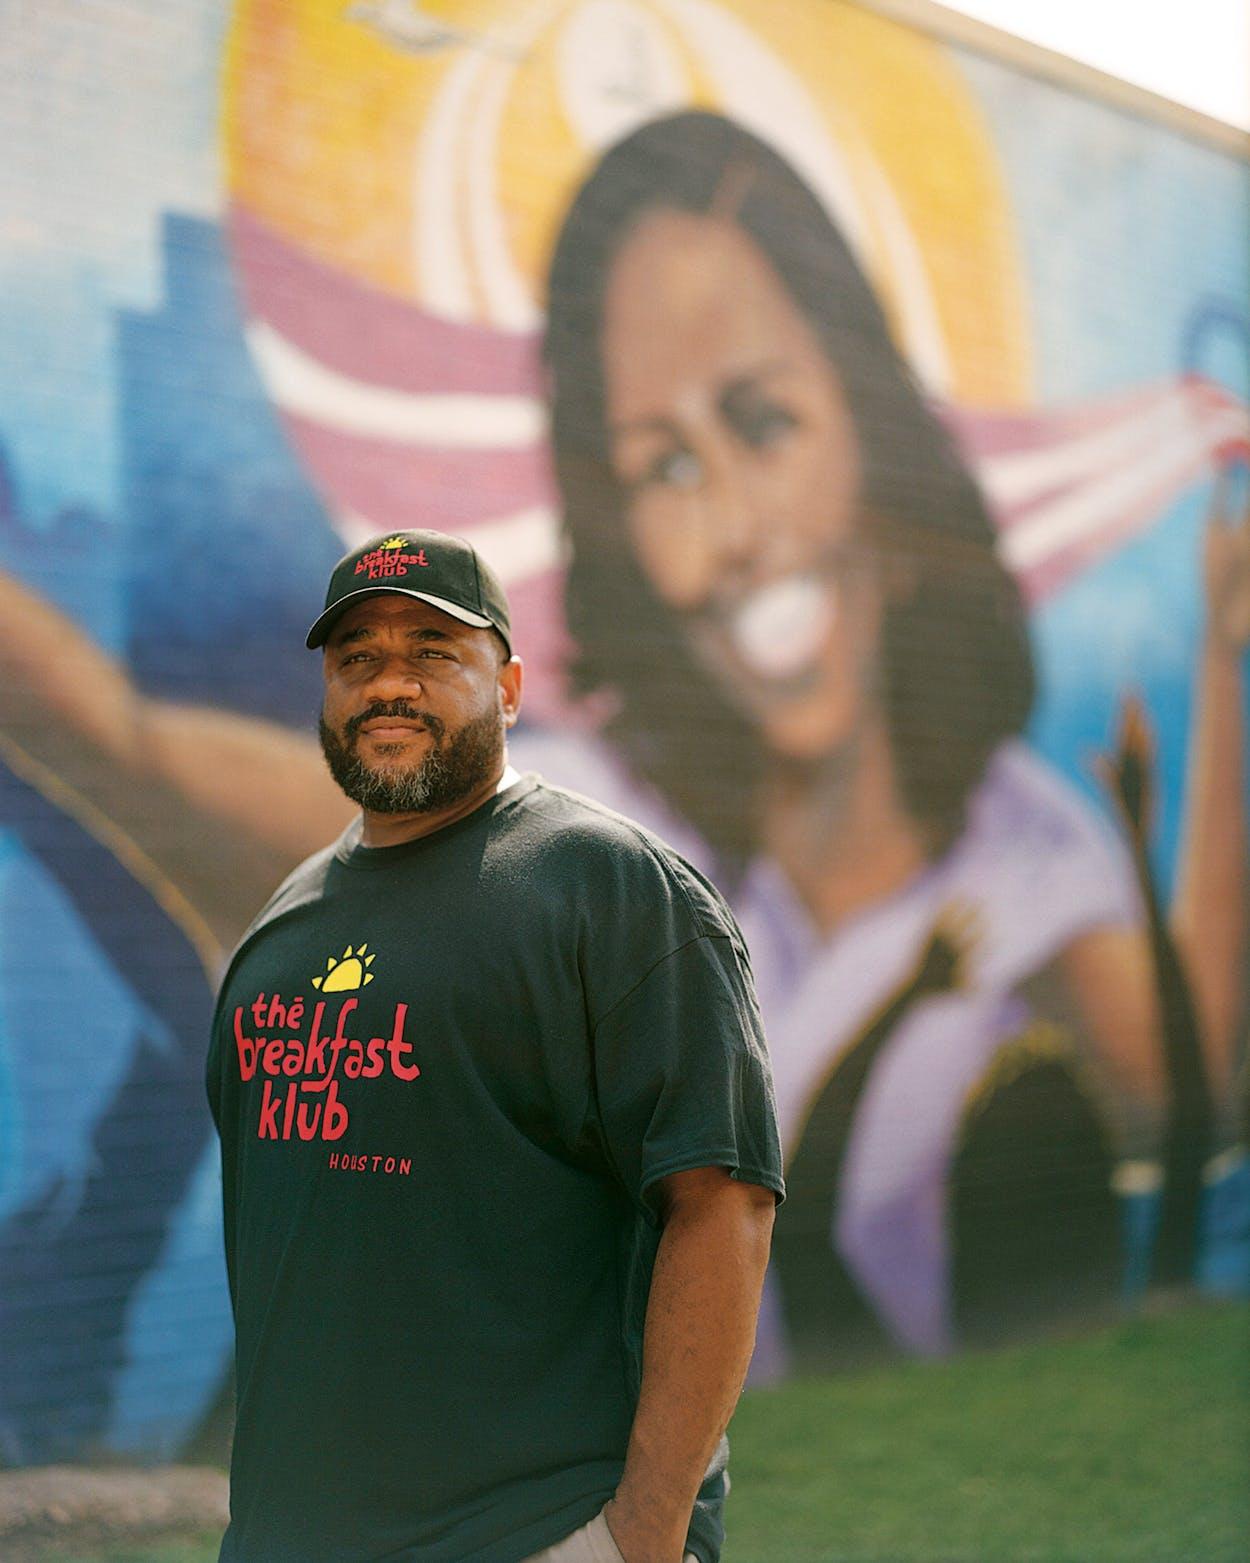 Marcus Davis outside of the Breakfast Klub in Houston on July 21, 2021.